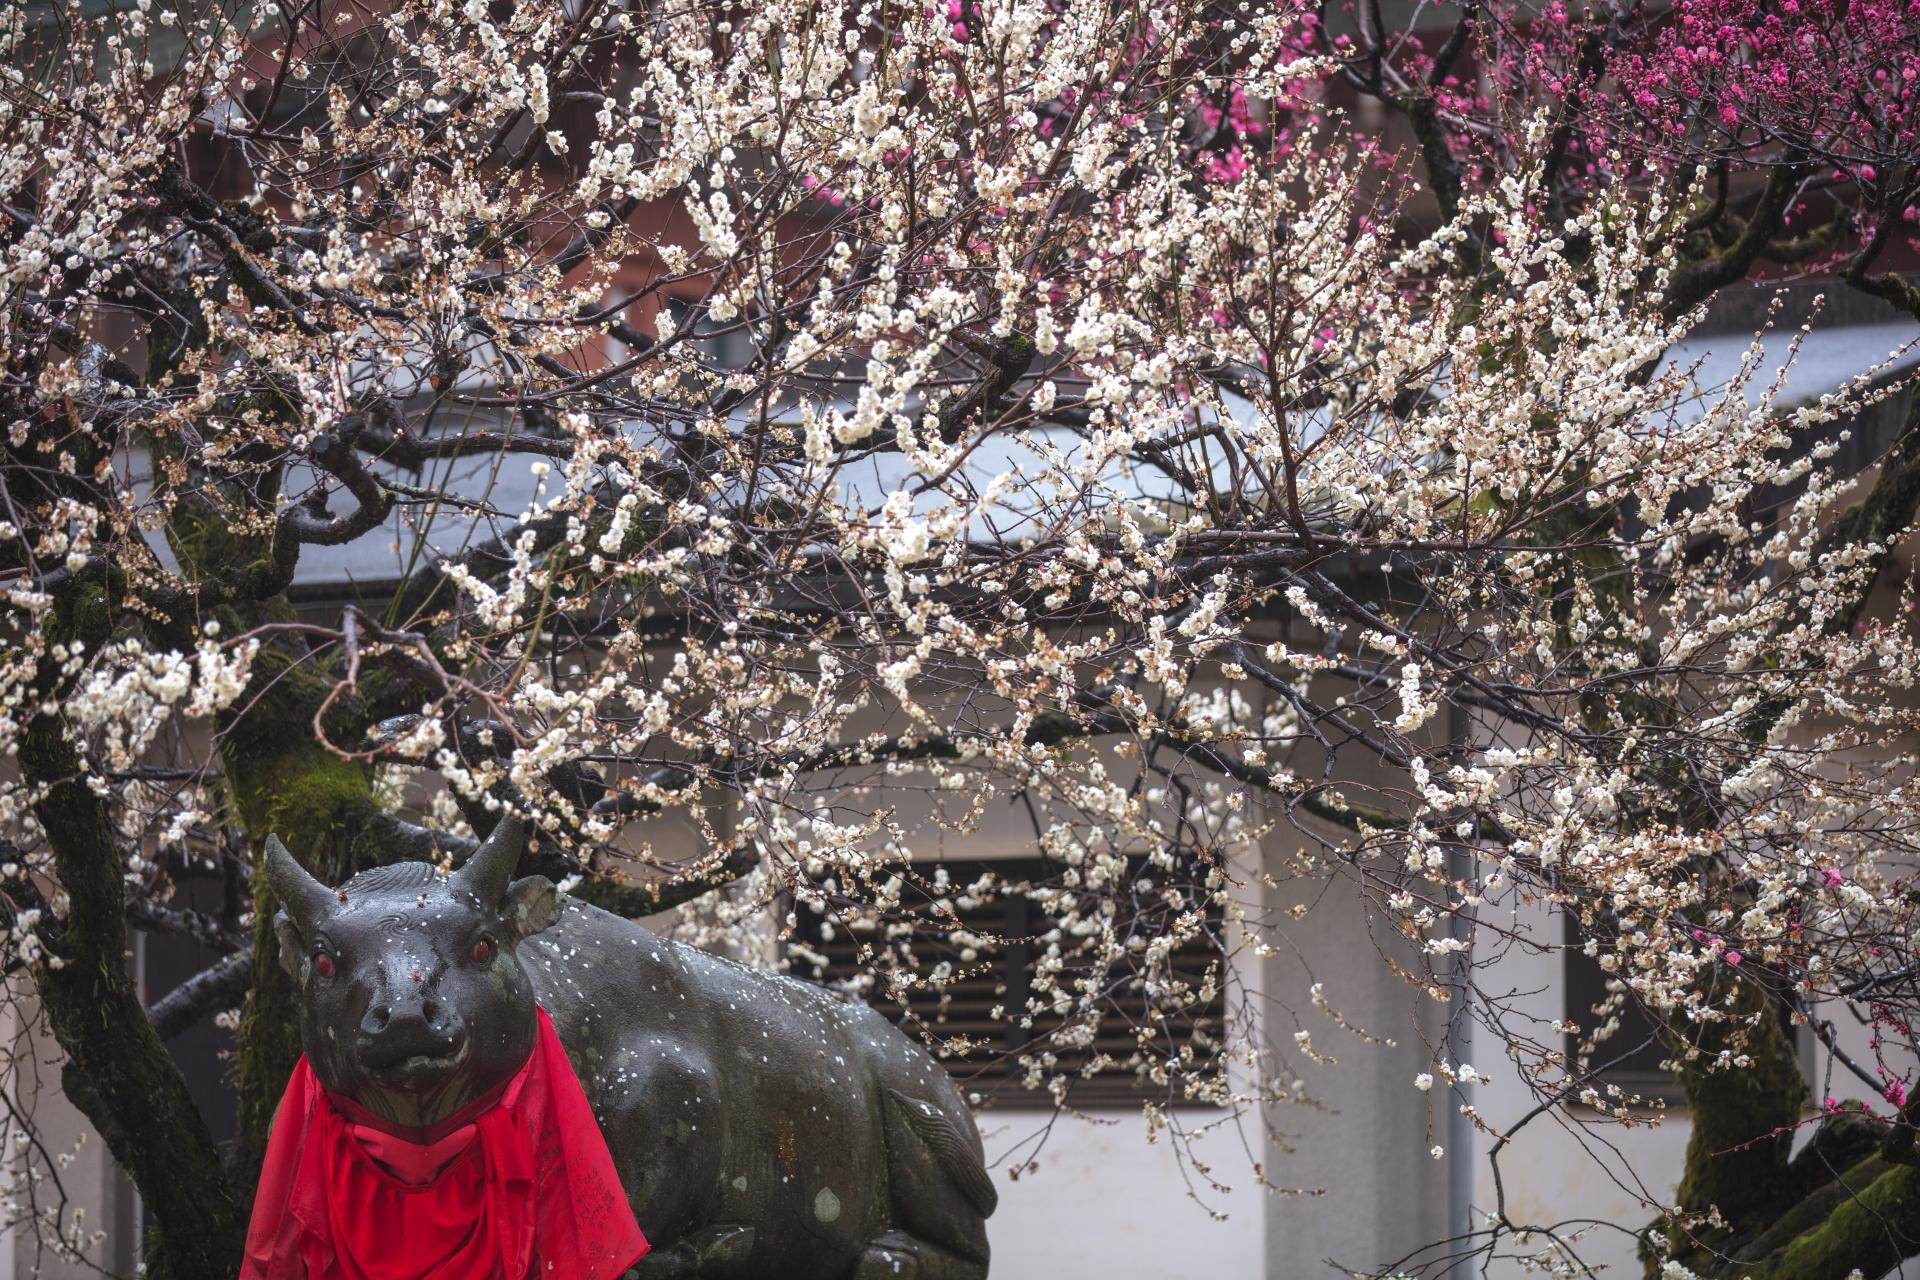 3898484_m 京都府 北野天満宮(京都の春におすすめ梅苑・梅林スポット! 撮影した写真の紹介、アクセス情報や交通手段・駐車場情報など)